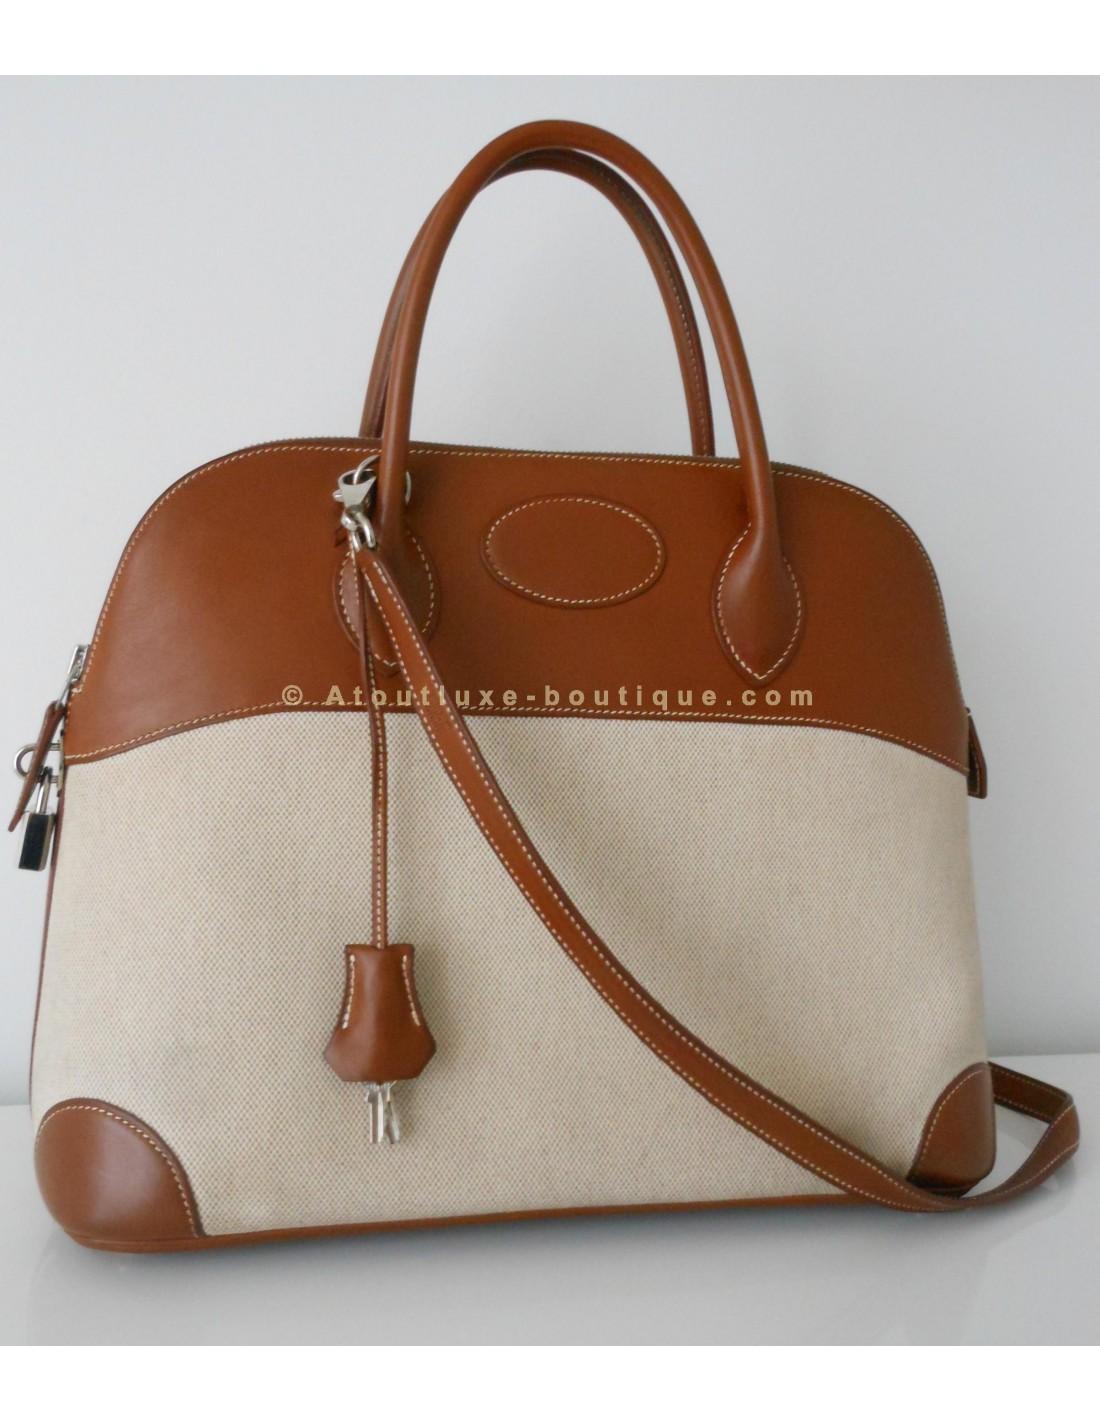 SAC HERMES BOLIDE 35 BICOLORE - Atoutluxe Boutique 588b5727590